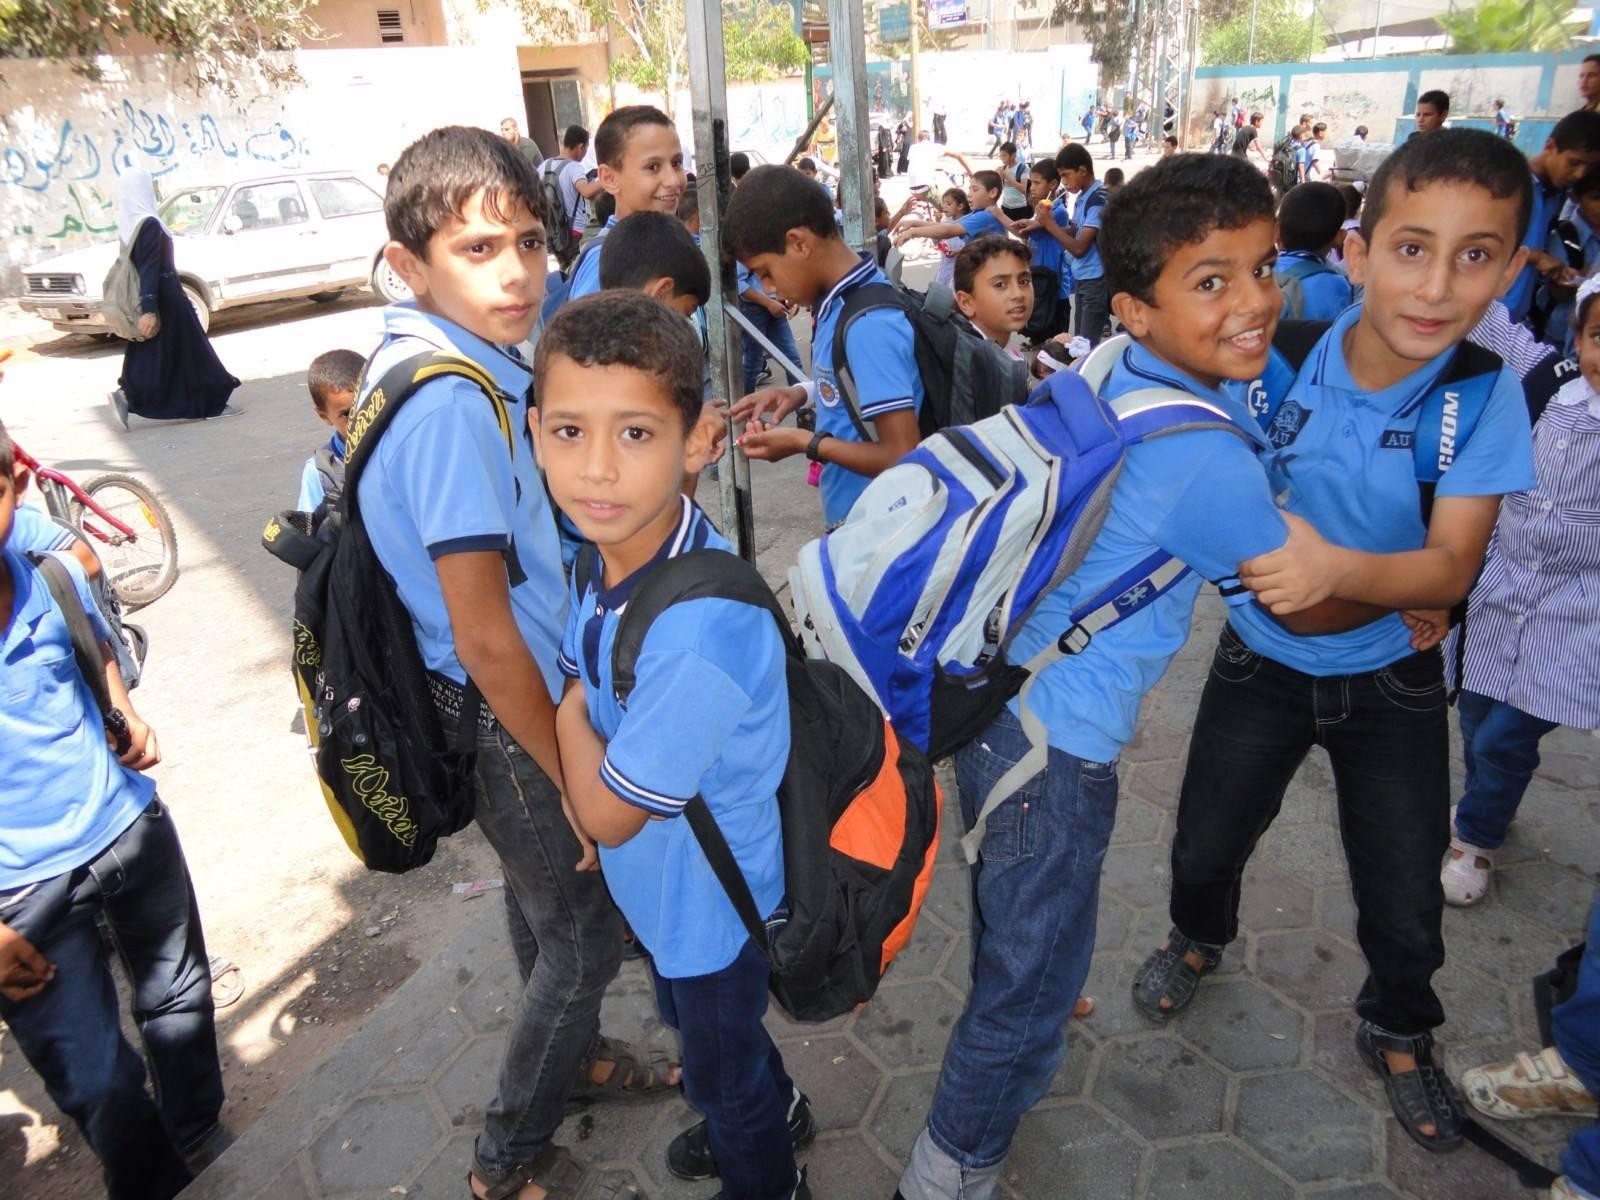 lassociation-CBSP-lance-lopération-soif-de-defis-pour-la-palestine